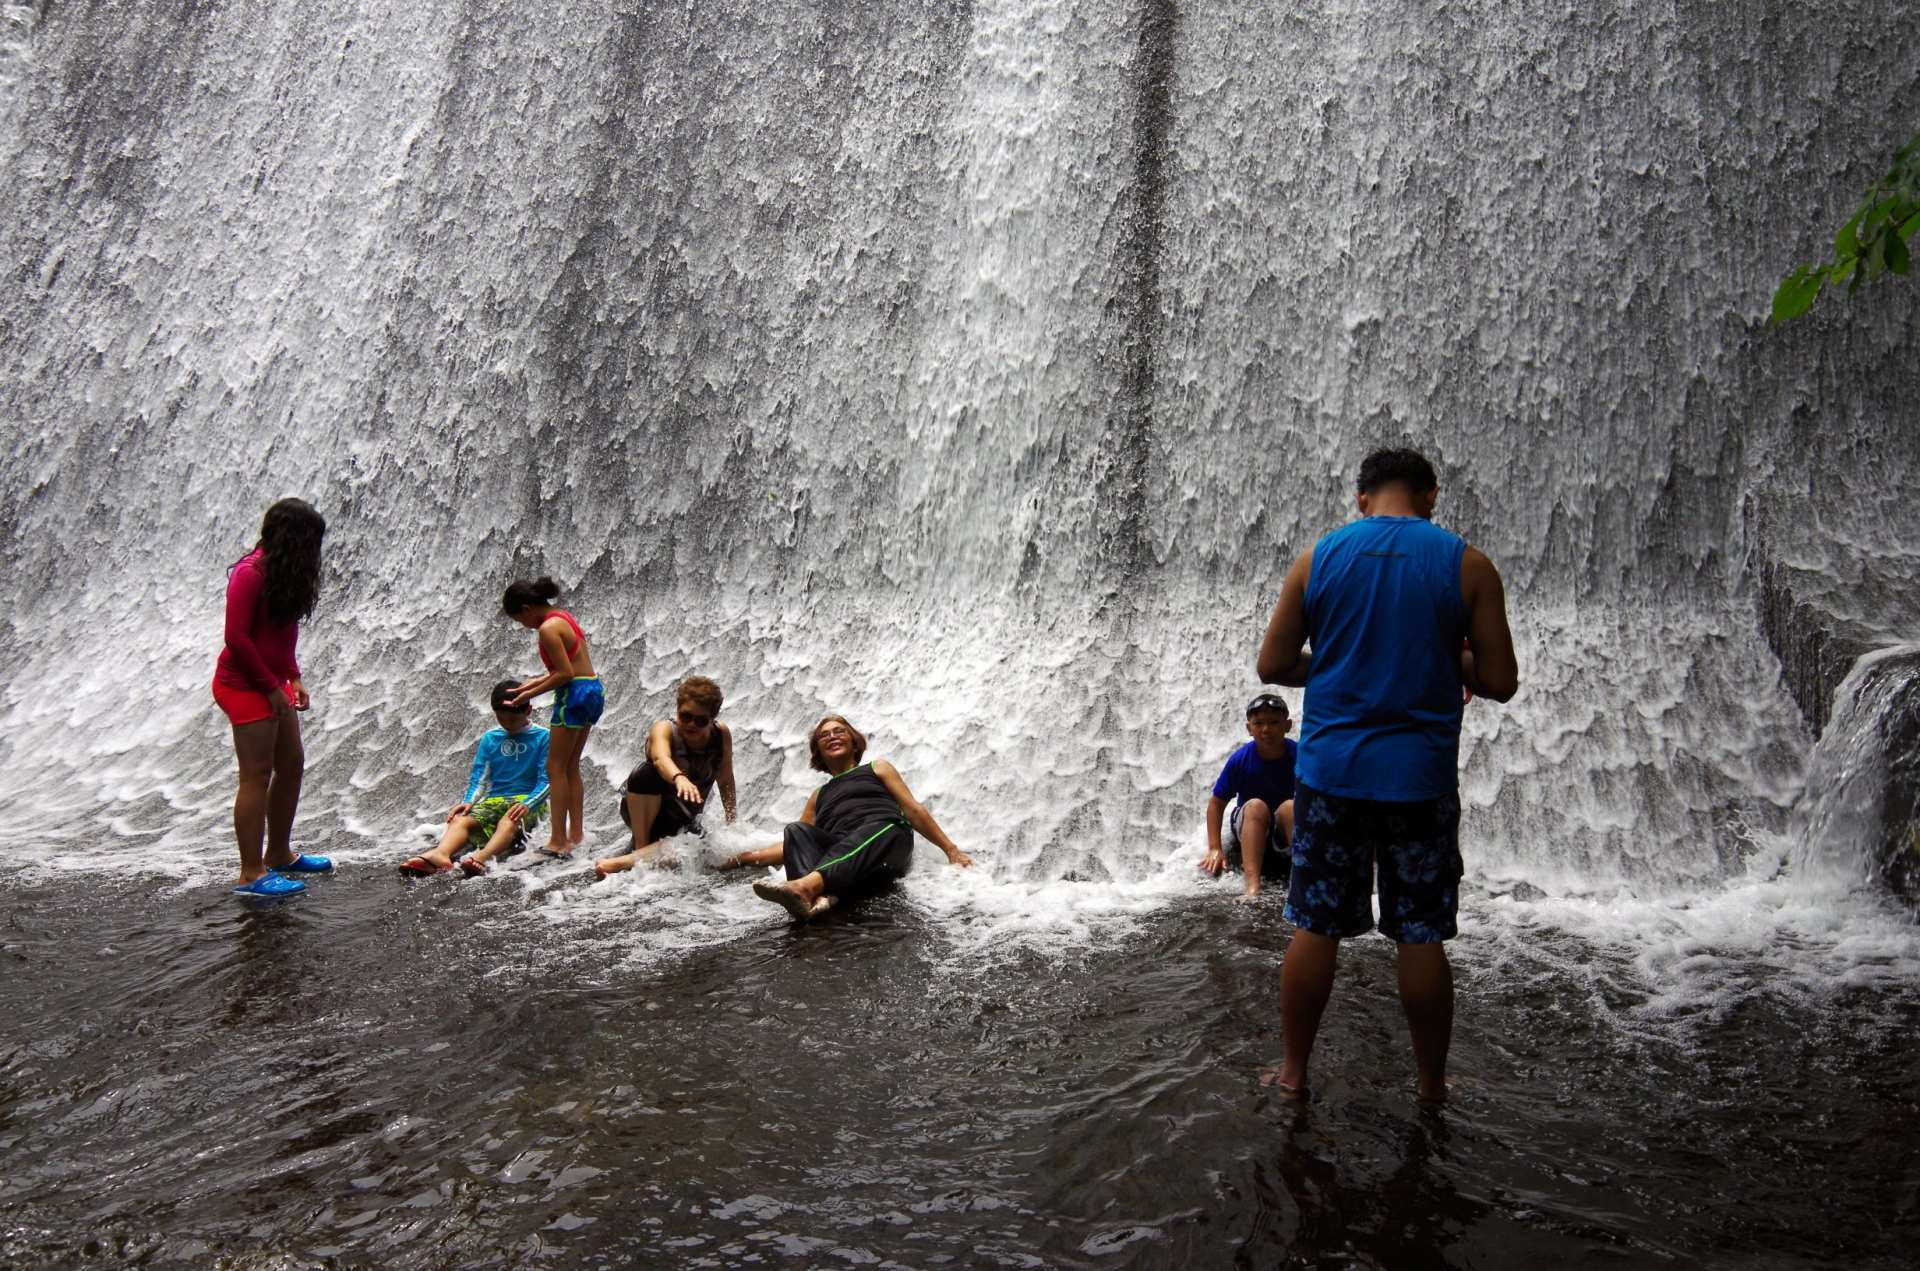 【馬尼拉田園風光巡禮】鄉野水莊瀑布餐廳一日遊 Villa Escudero